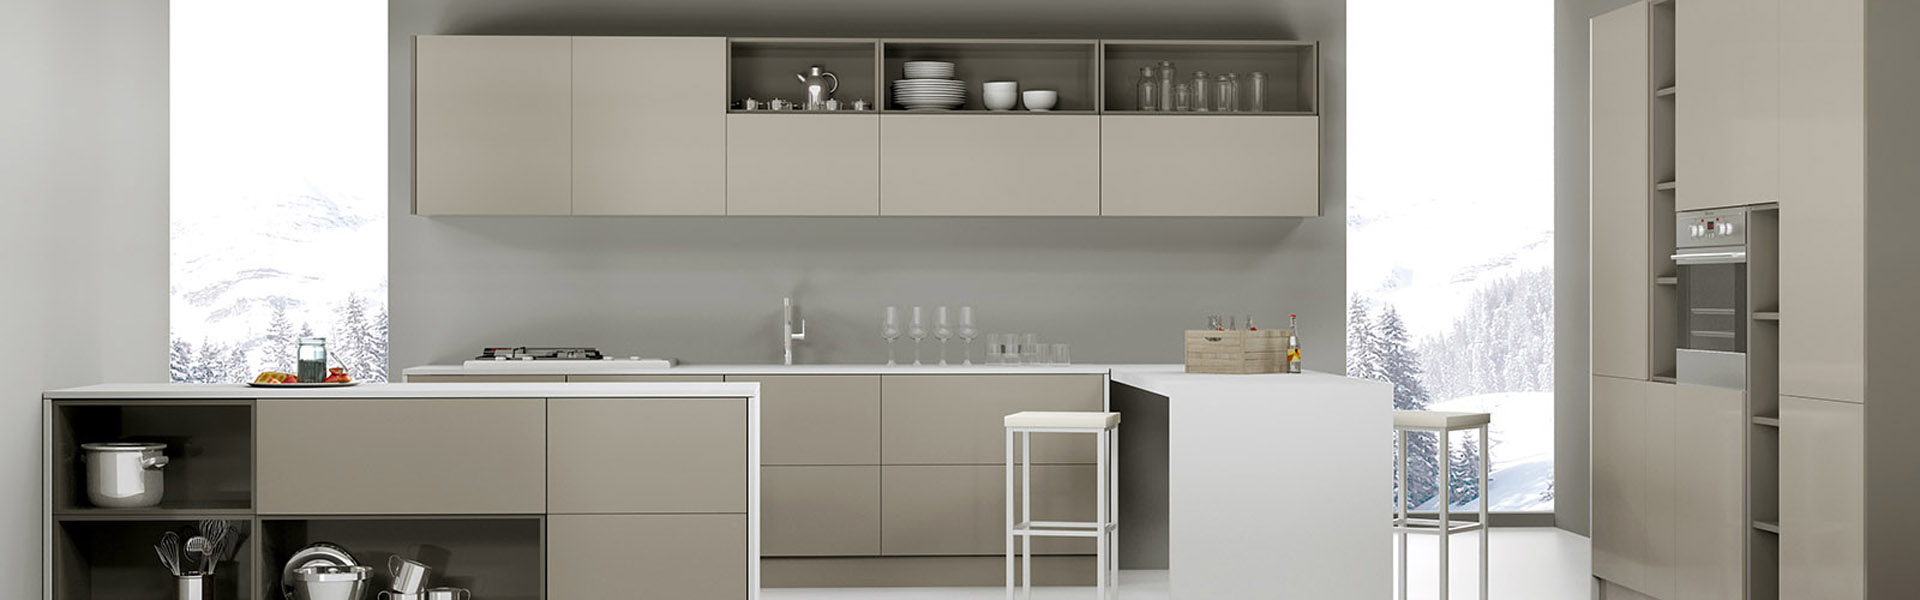 Cocinas Trecoam Cocinas Ba Os Fabrica Muebles De Cocina Y Ba O  # Muebles Hi Macs